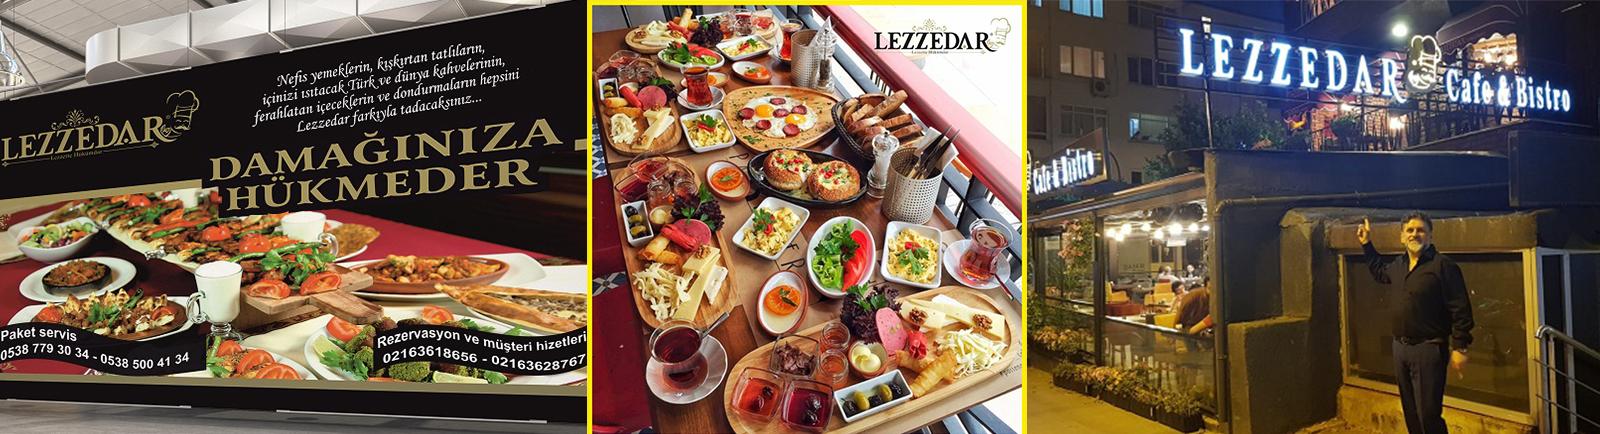 Lezzedar Cafe & Bistro Çok Yakında Hizmetinizde